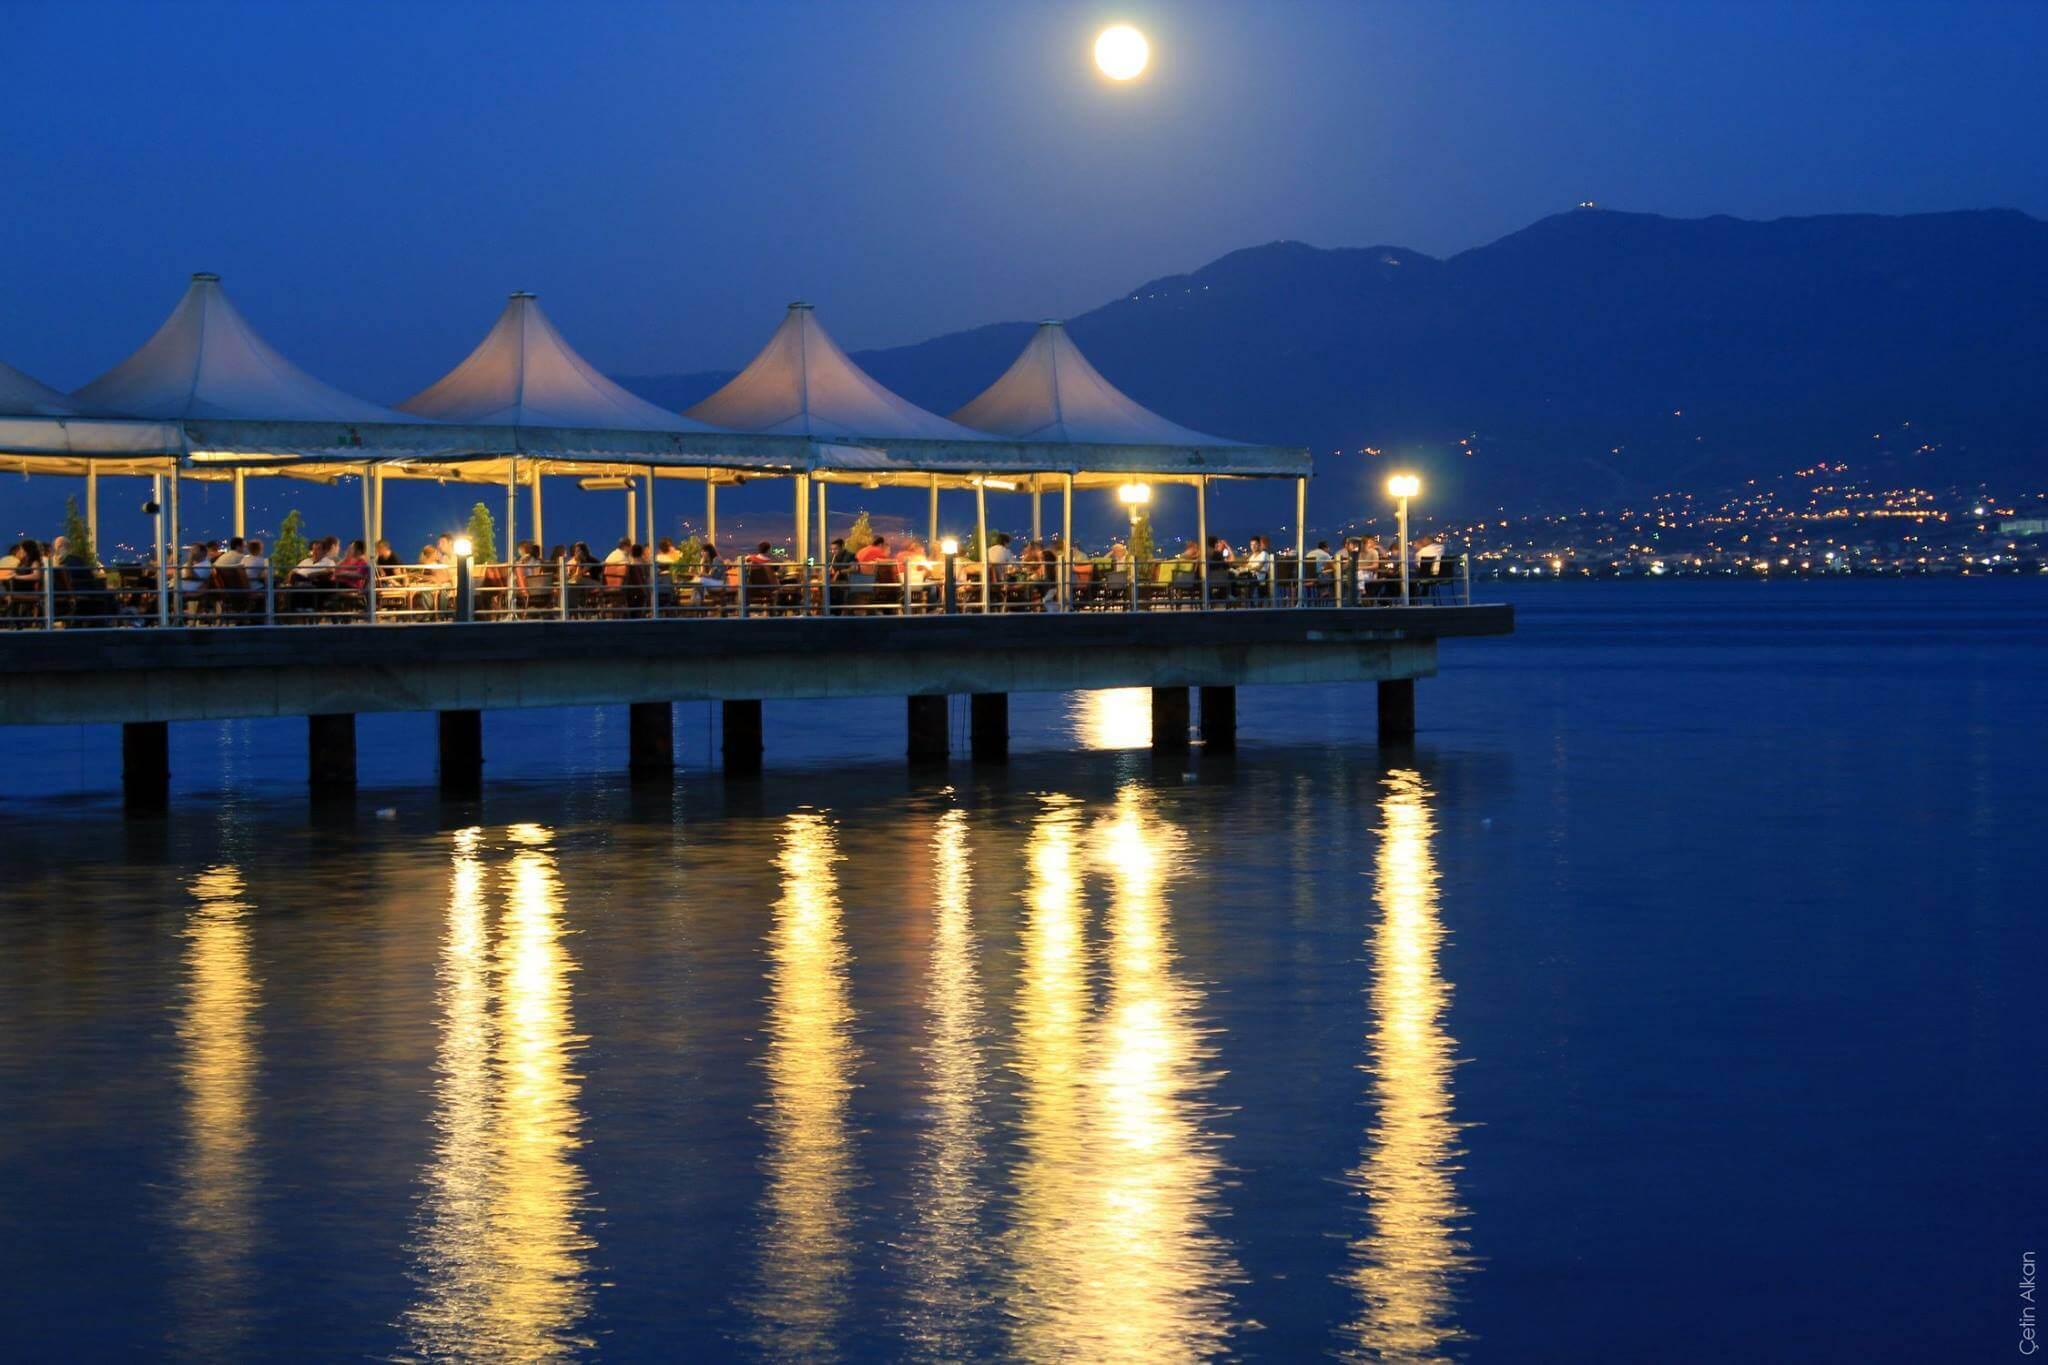 تعرف على مدينة ازميت في تركيا - فردوس الحياة للخدمات السياحية في تركيا